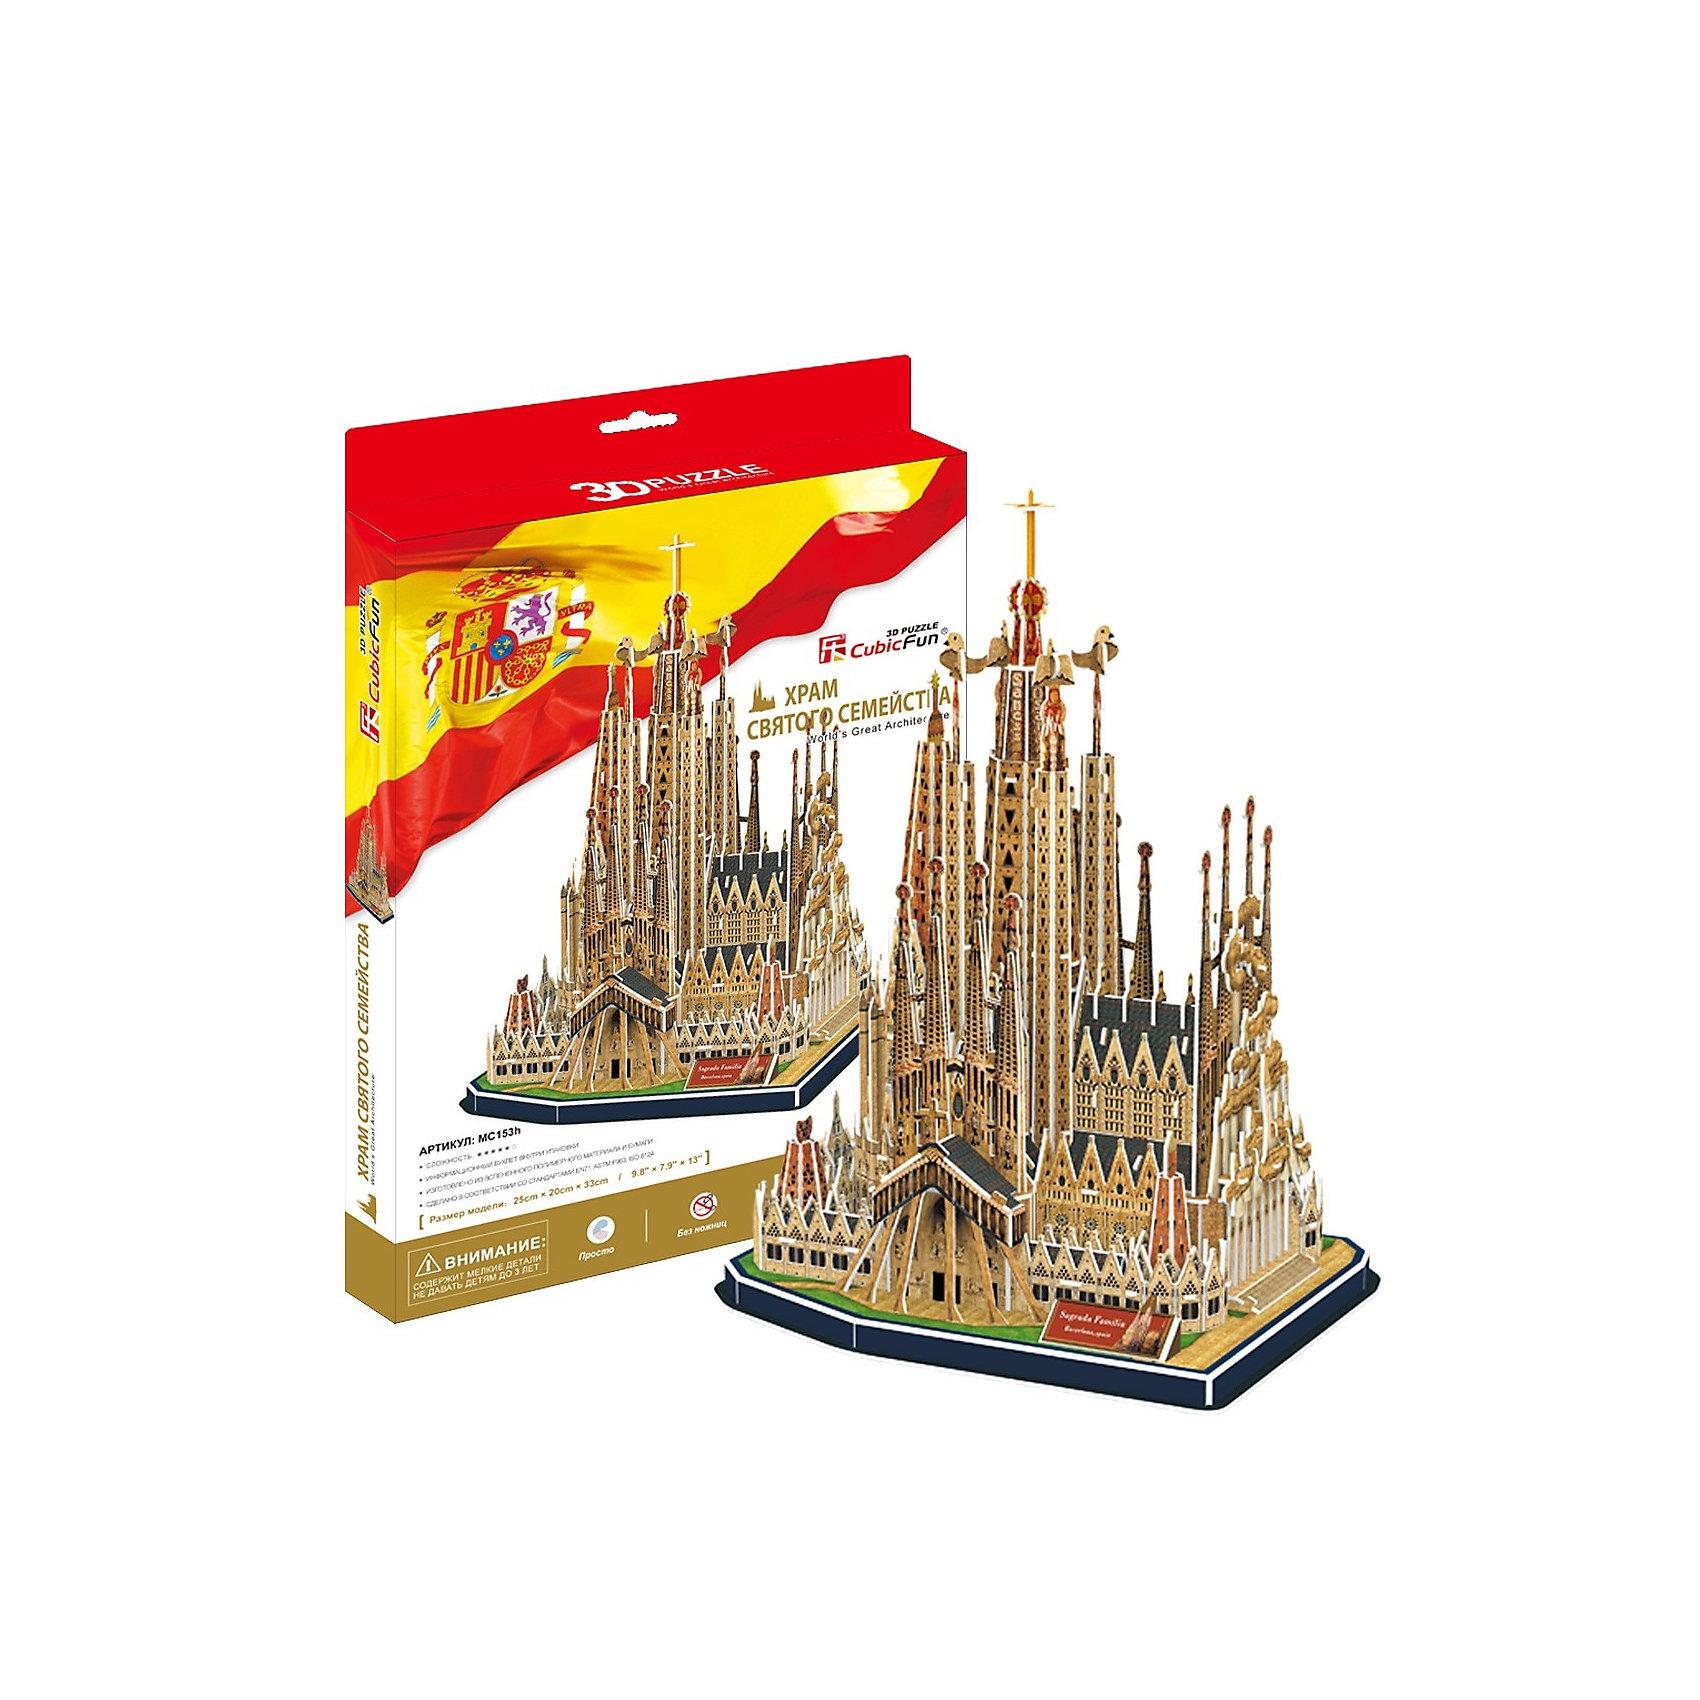 CubicFun Пазл 3D Храм Святого Семейства (Испания), CubicFun cubicfun храм святого семейства испания